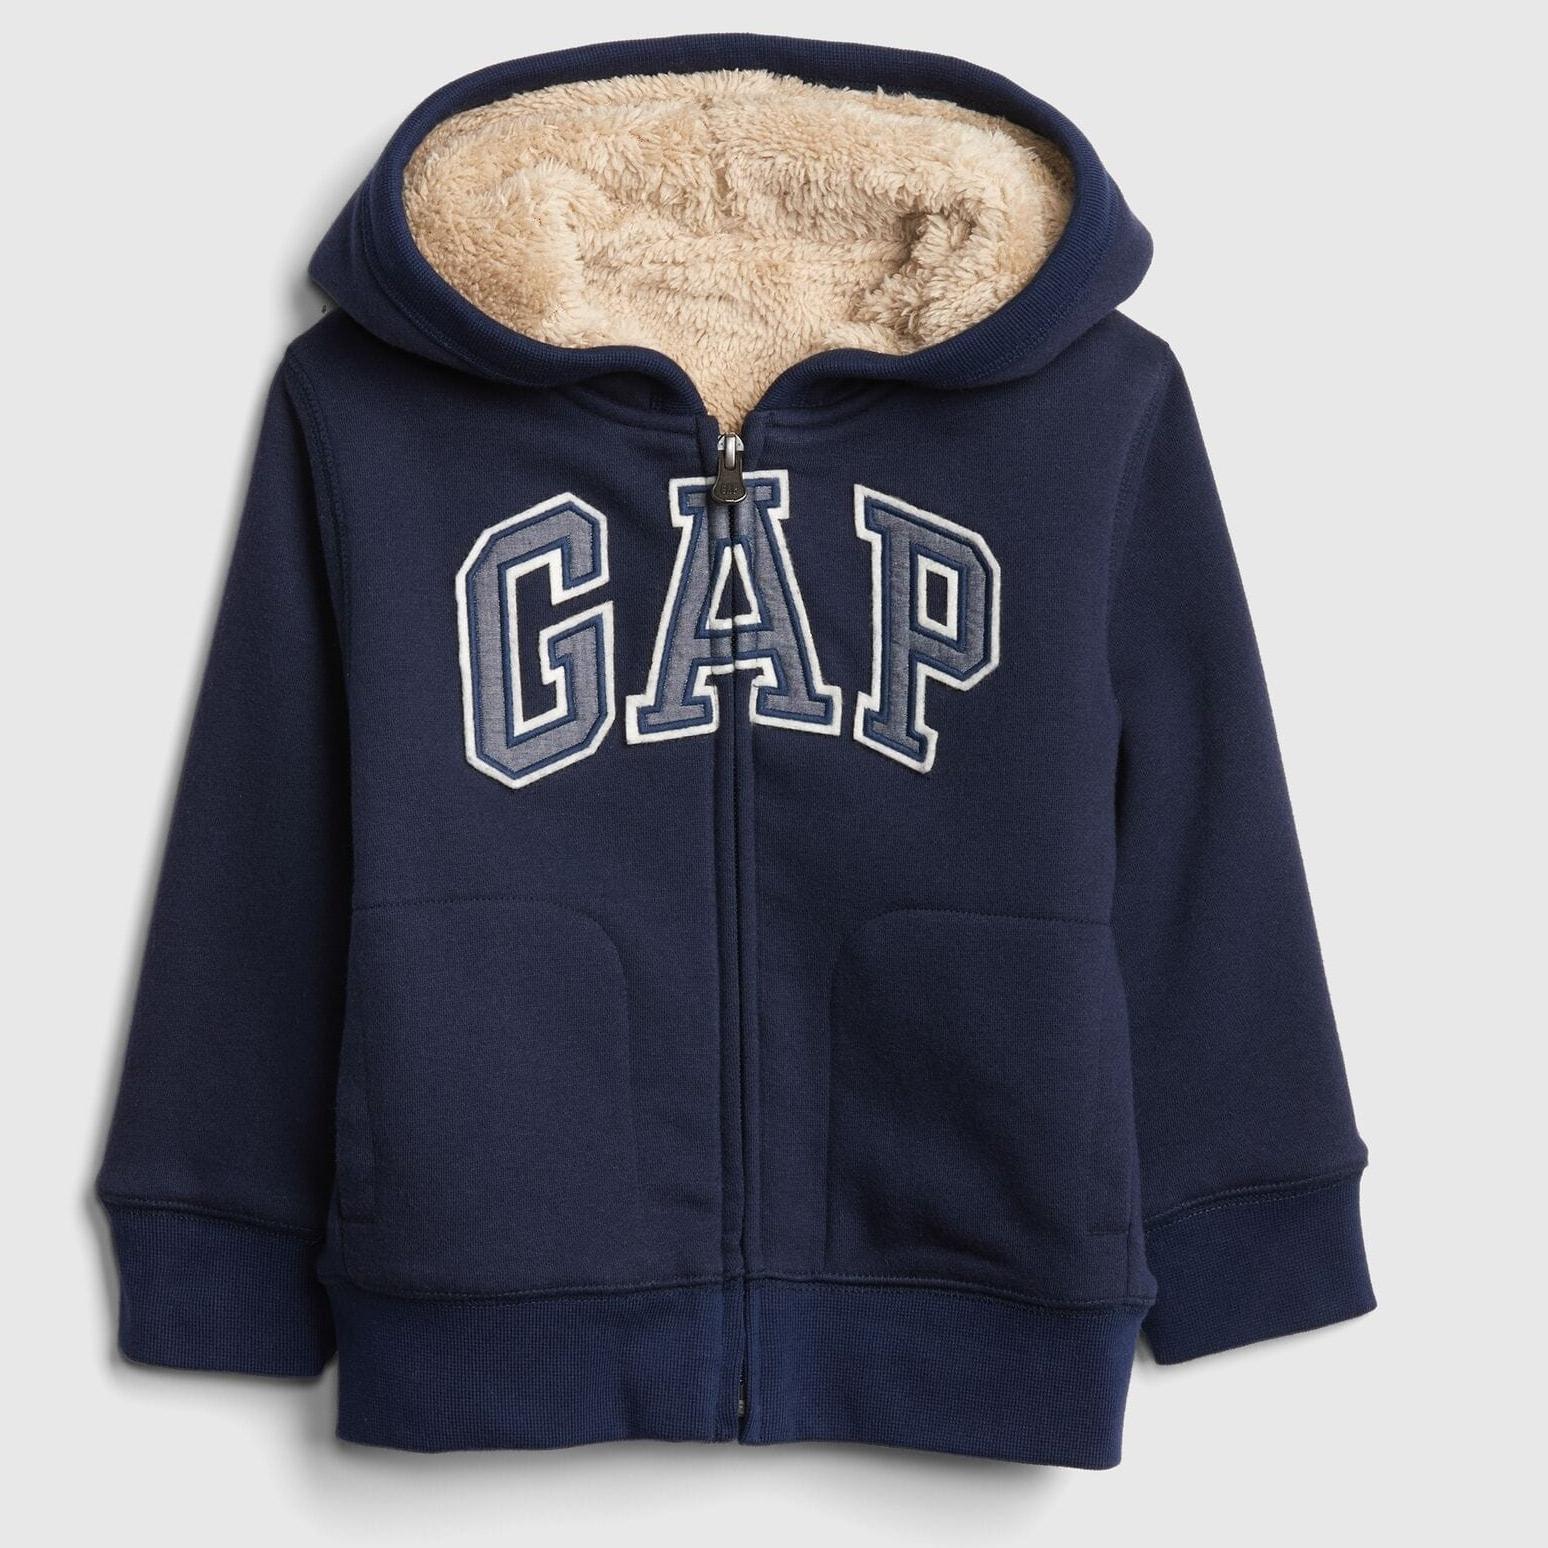 Gap toddler sweatshirt sale from £10.78 (free c&c / £4 p&p)